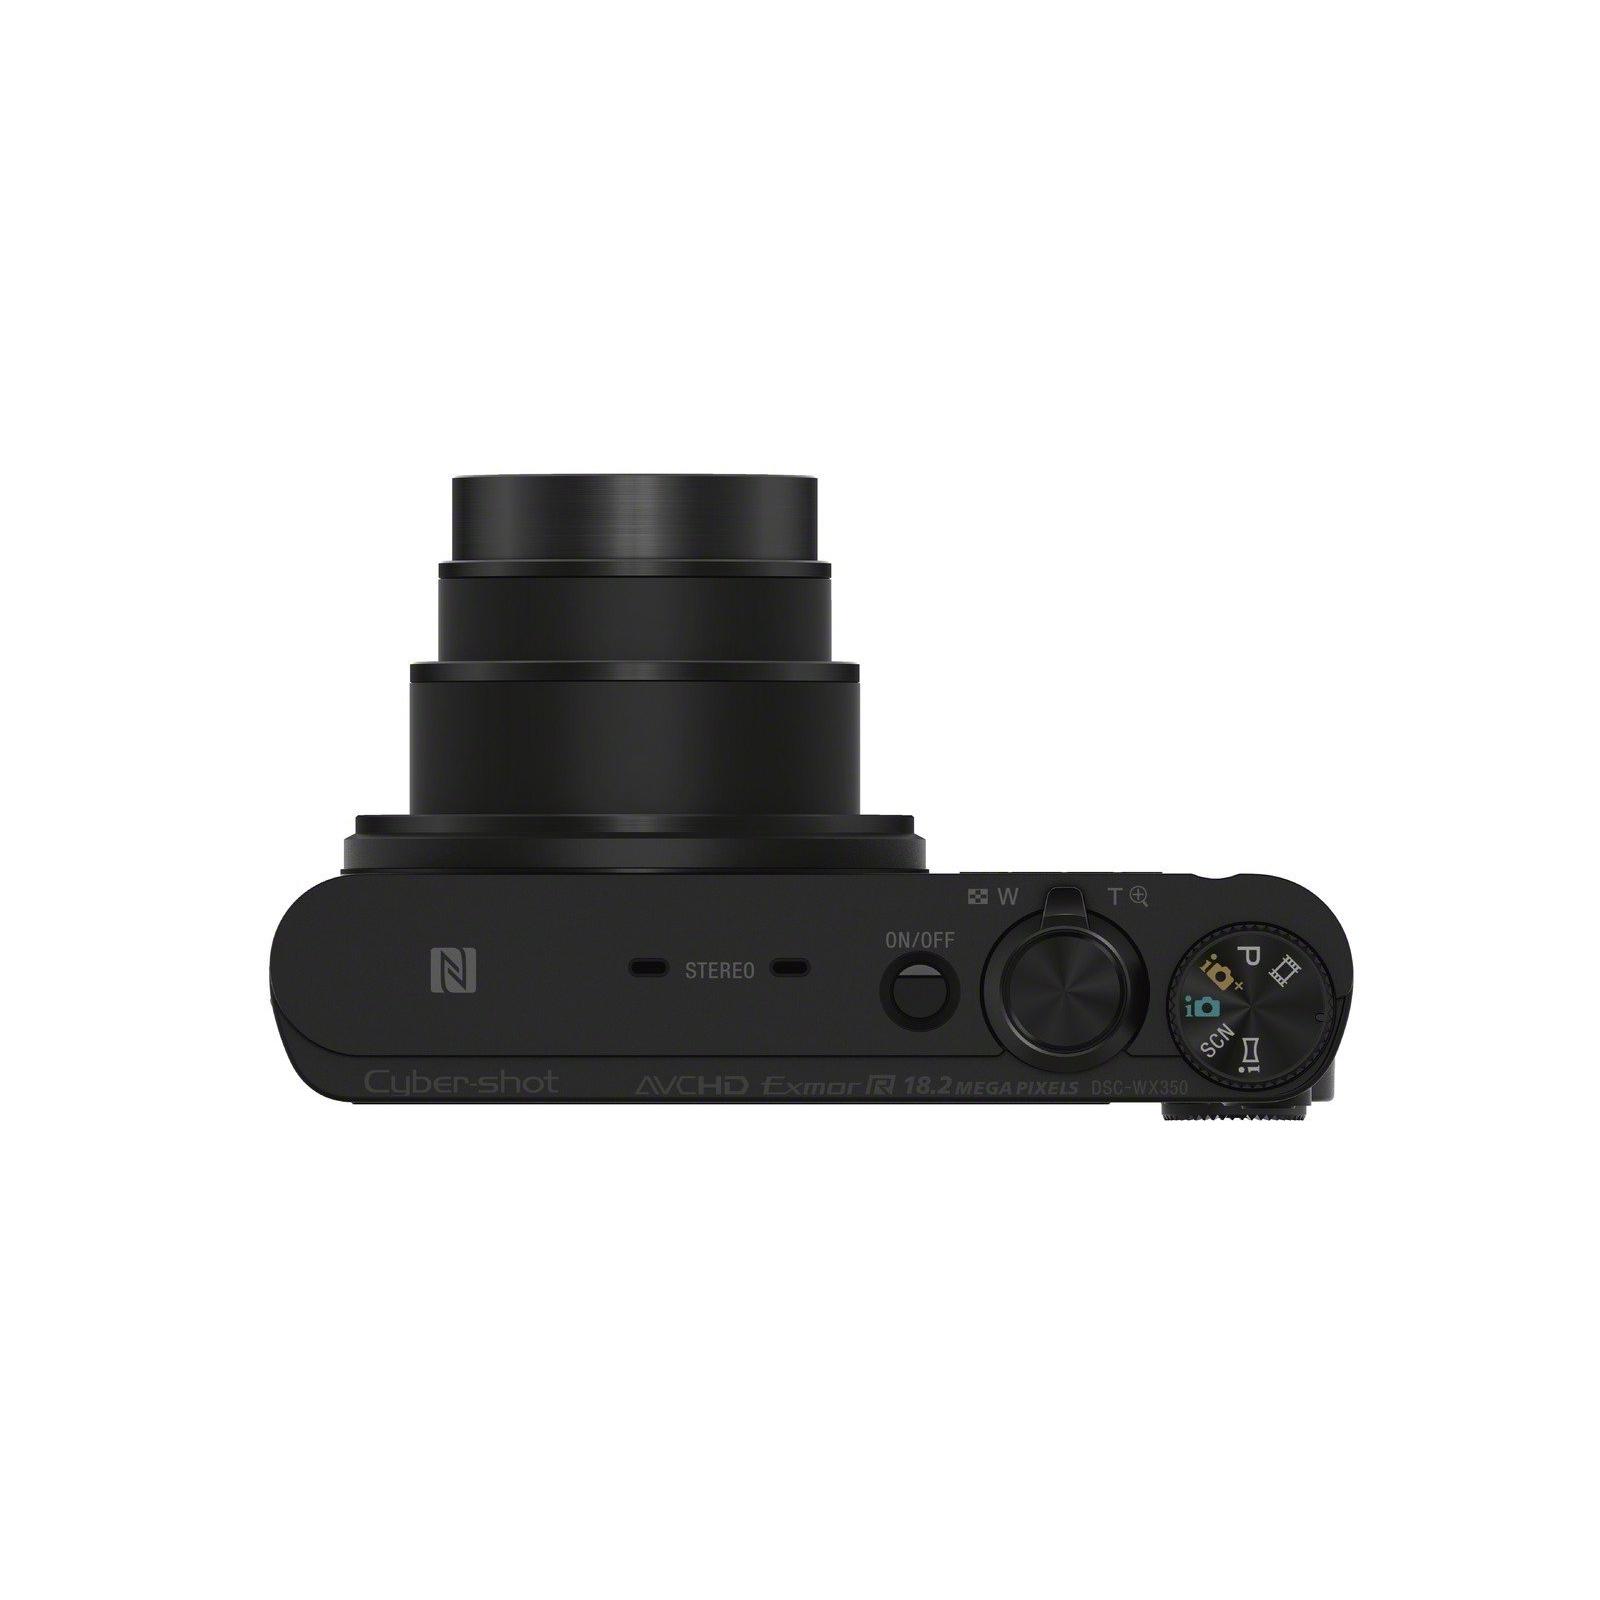 Цифровой фотоаппарат SONY Cyber-shot WX350 Black (DSCWX350B.RU3) изображение 6